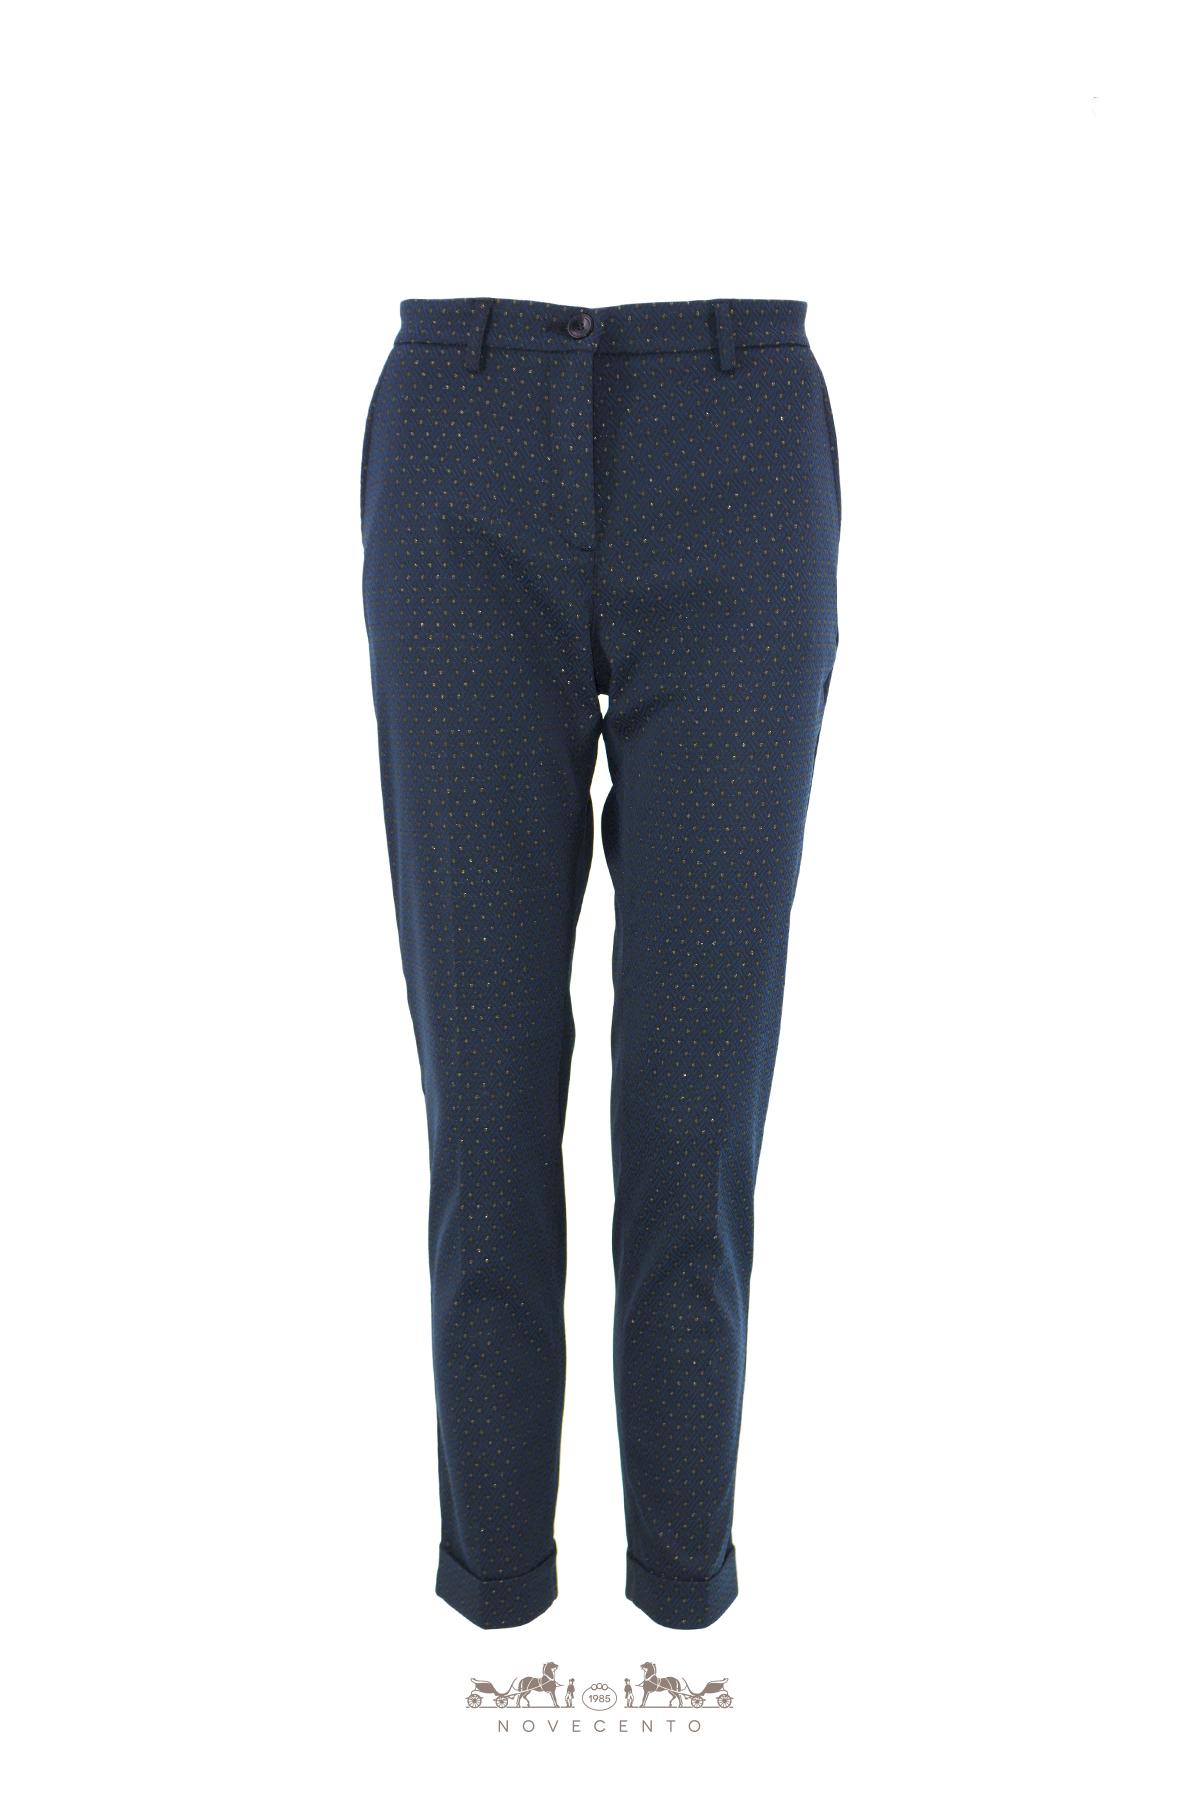 Pantalone lungo.